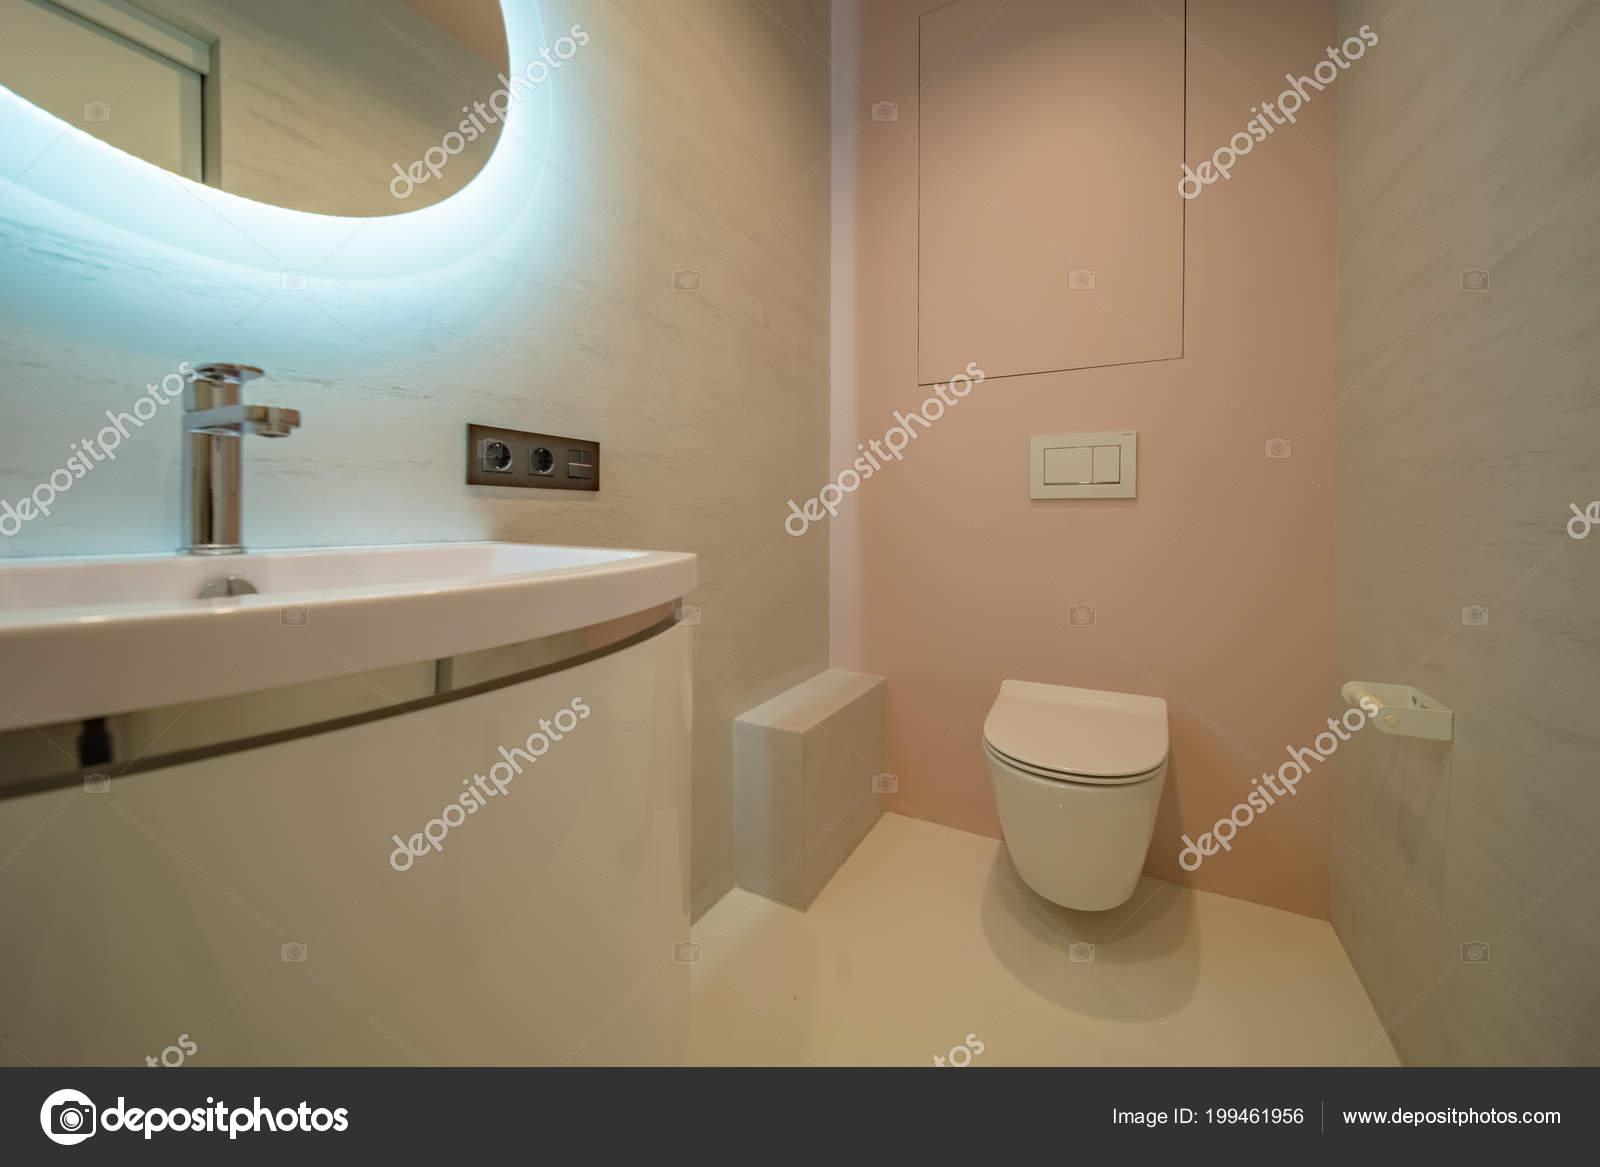 Cuvette Toilette Dans Salle Bain Toilettes Avec Lavabo Miroir